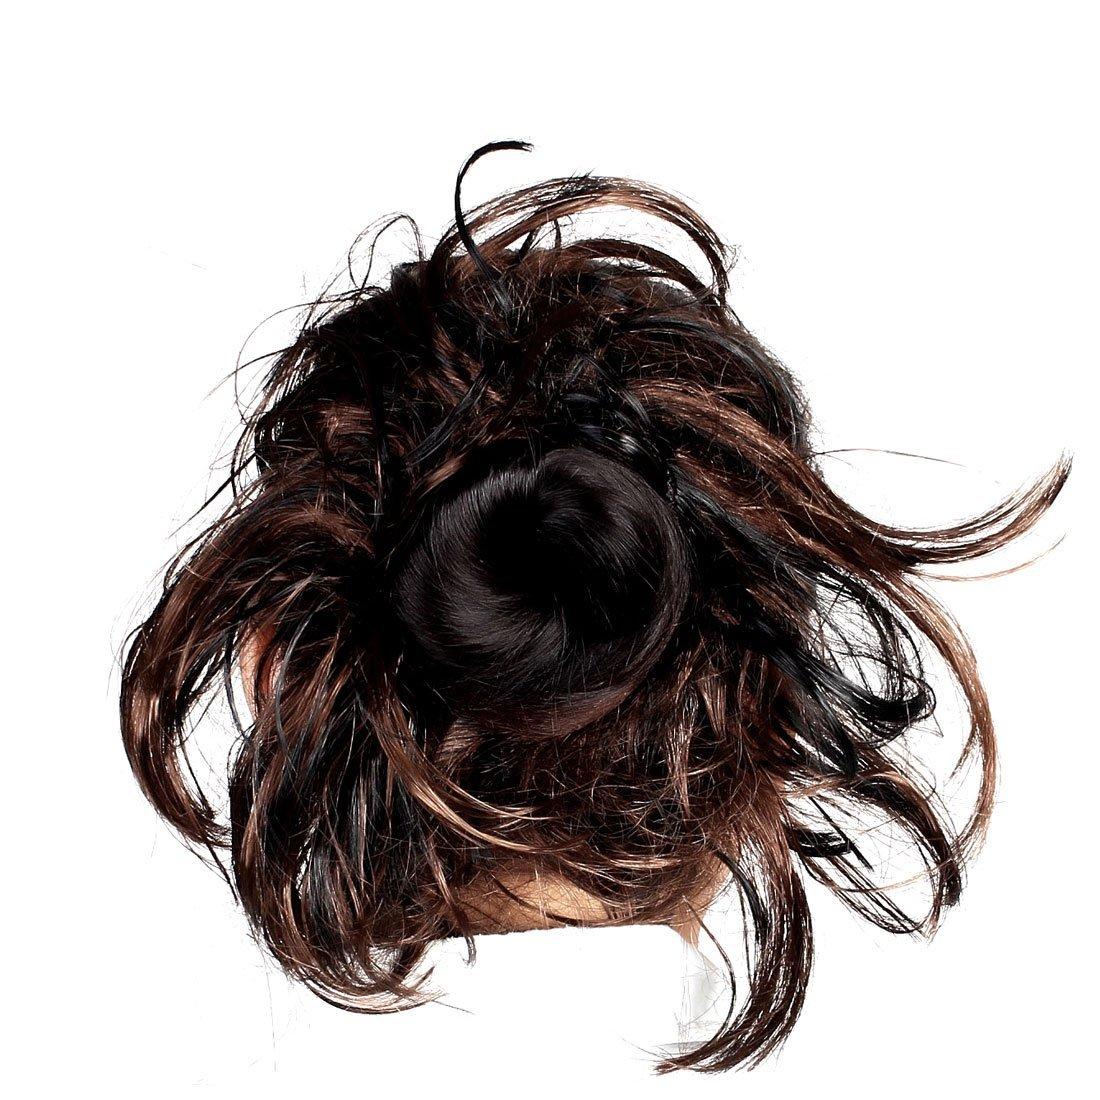 Amazon.com: Banda de Pelo Corto Estilo eDealMax Cola de Caballo rizada peluca elástico Negro Color café: Health & Personal Care